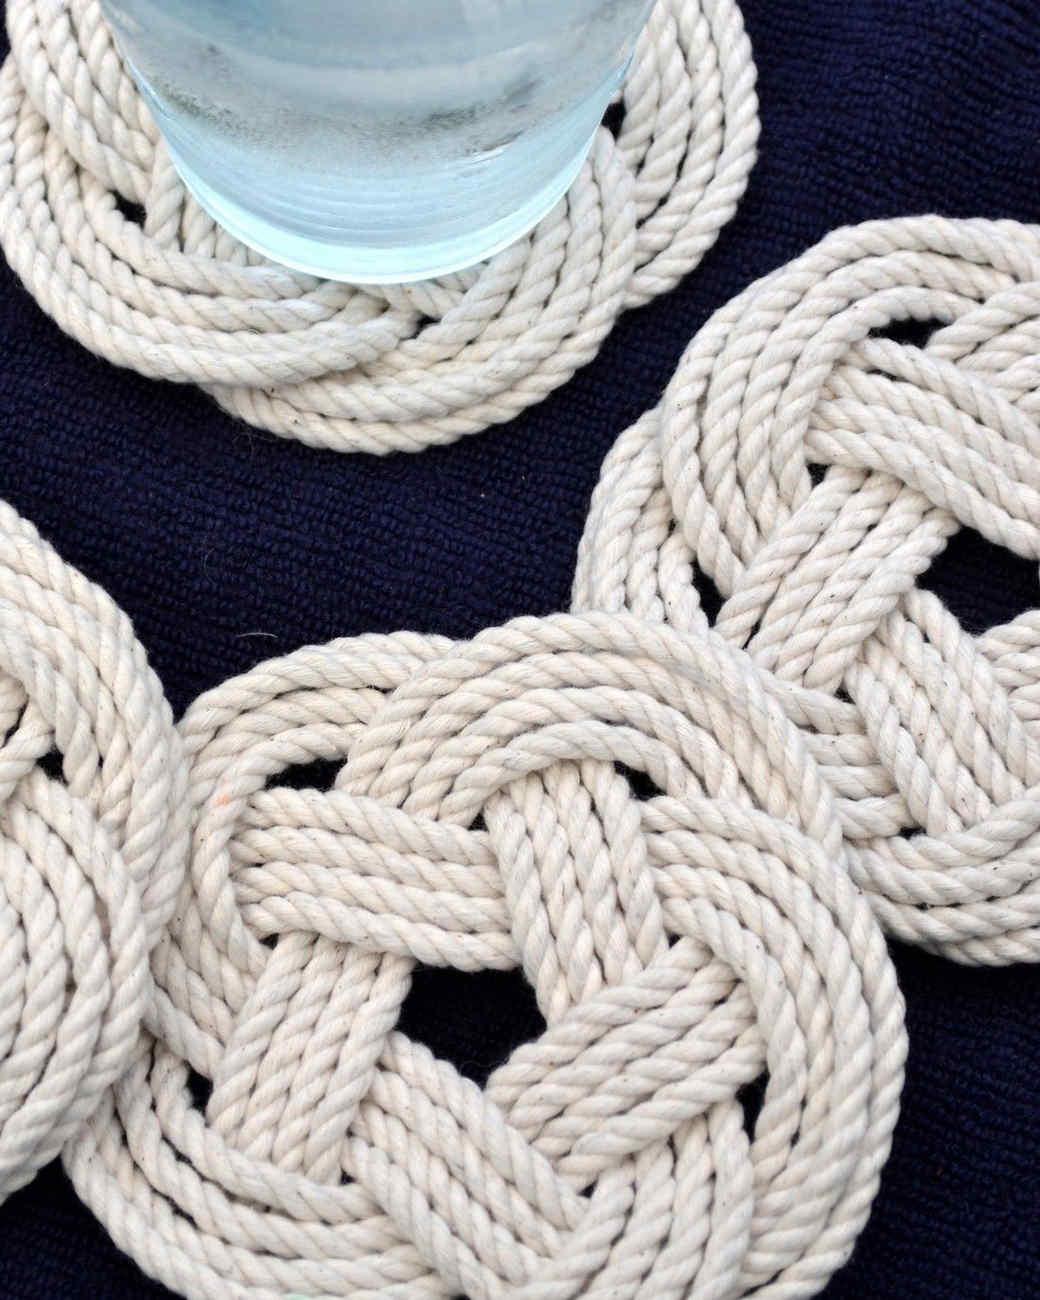 mystic-knotwork-coasters-0614.jpg